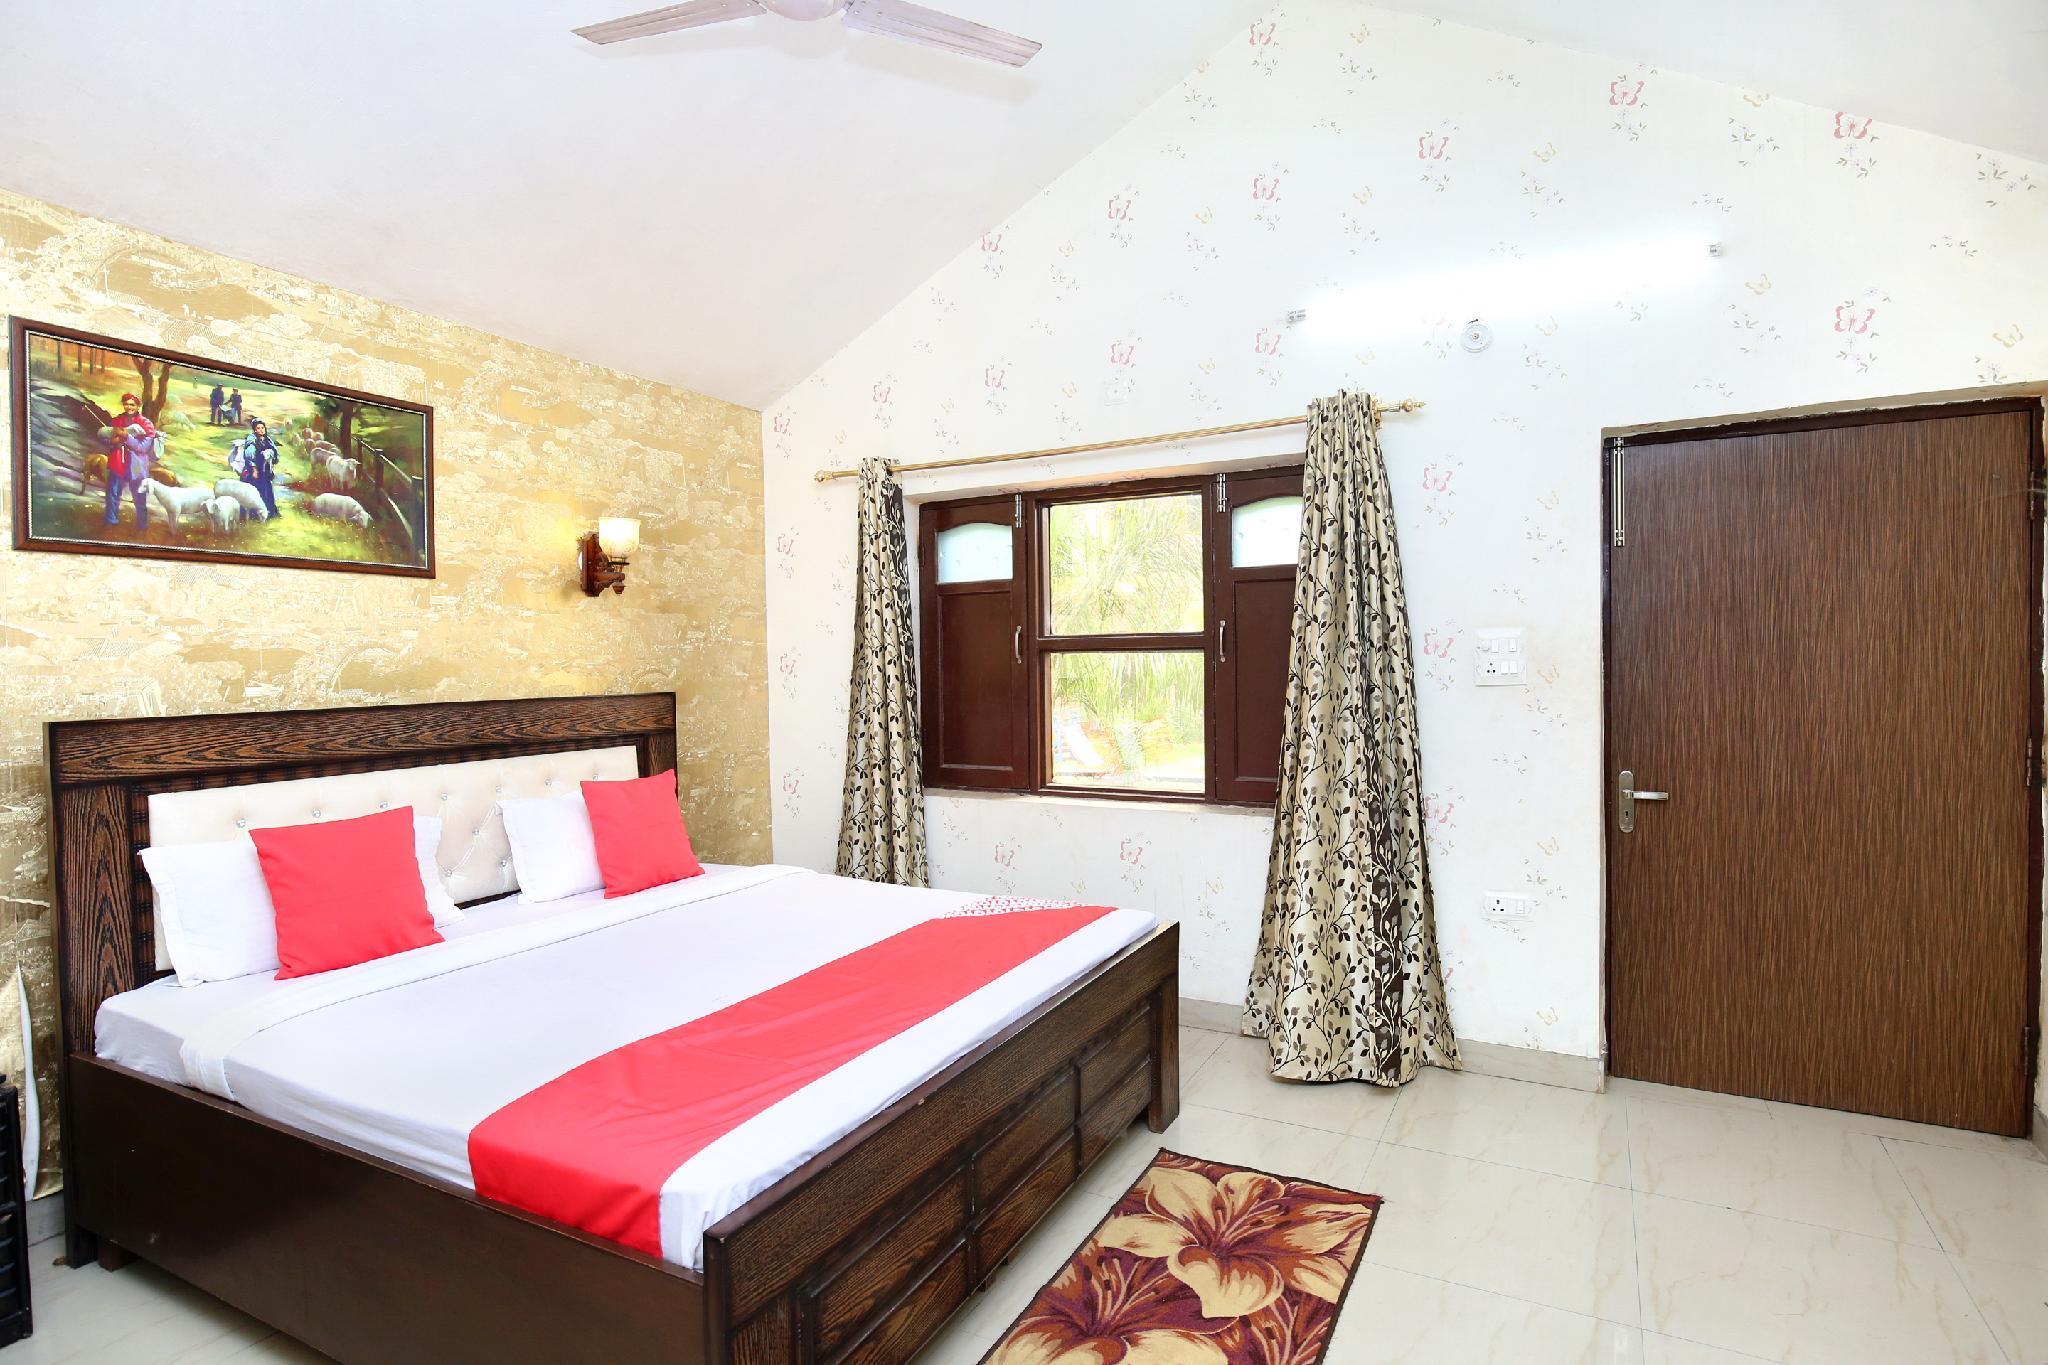 OYO 3515 Panchsheel Dhaba Hotel, Ambala